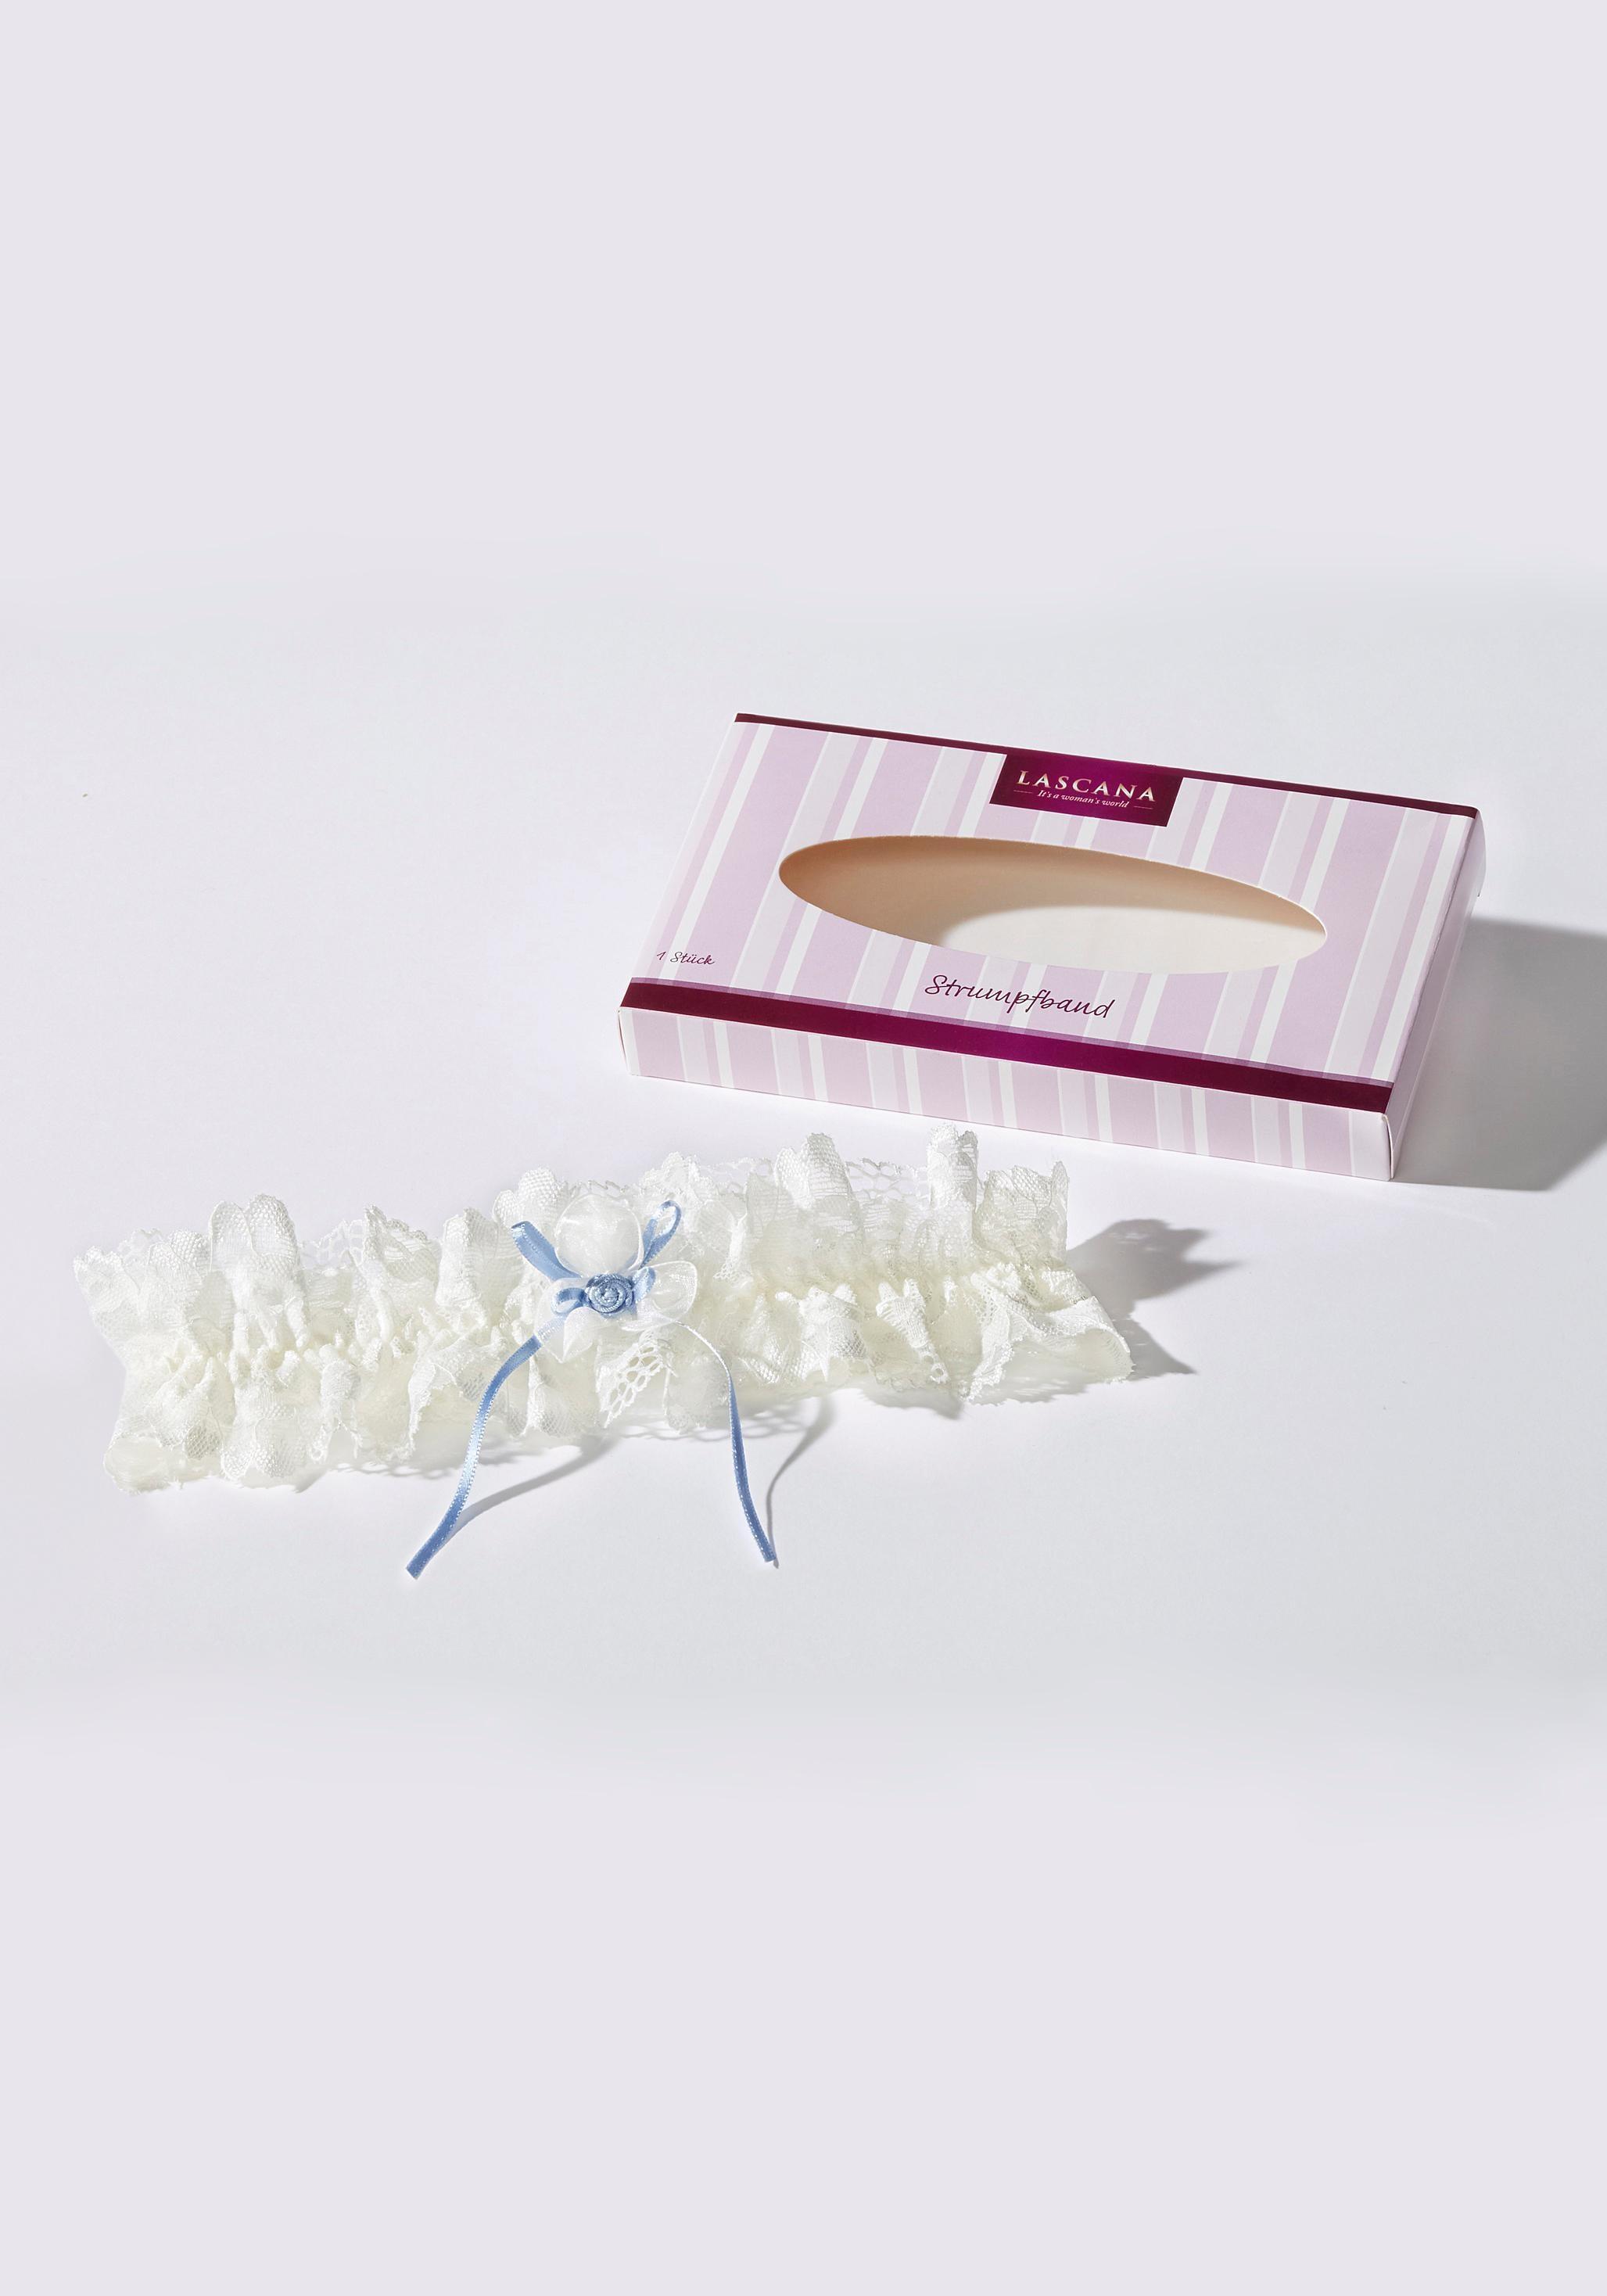 LASCANA Strumpfband, in edler Spitze, das perfekte Accessoire für deine Hochzeit beige Damen Strümpfe Dessous Damenwäsche Strumpfband